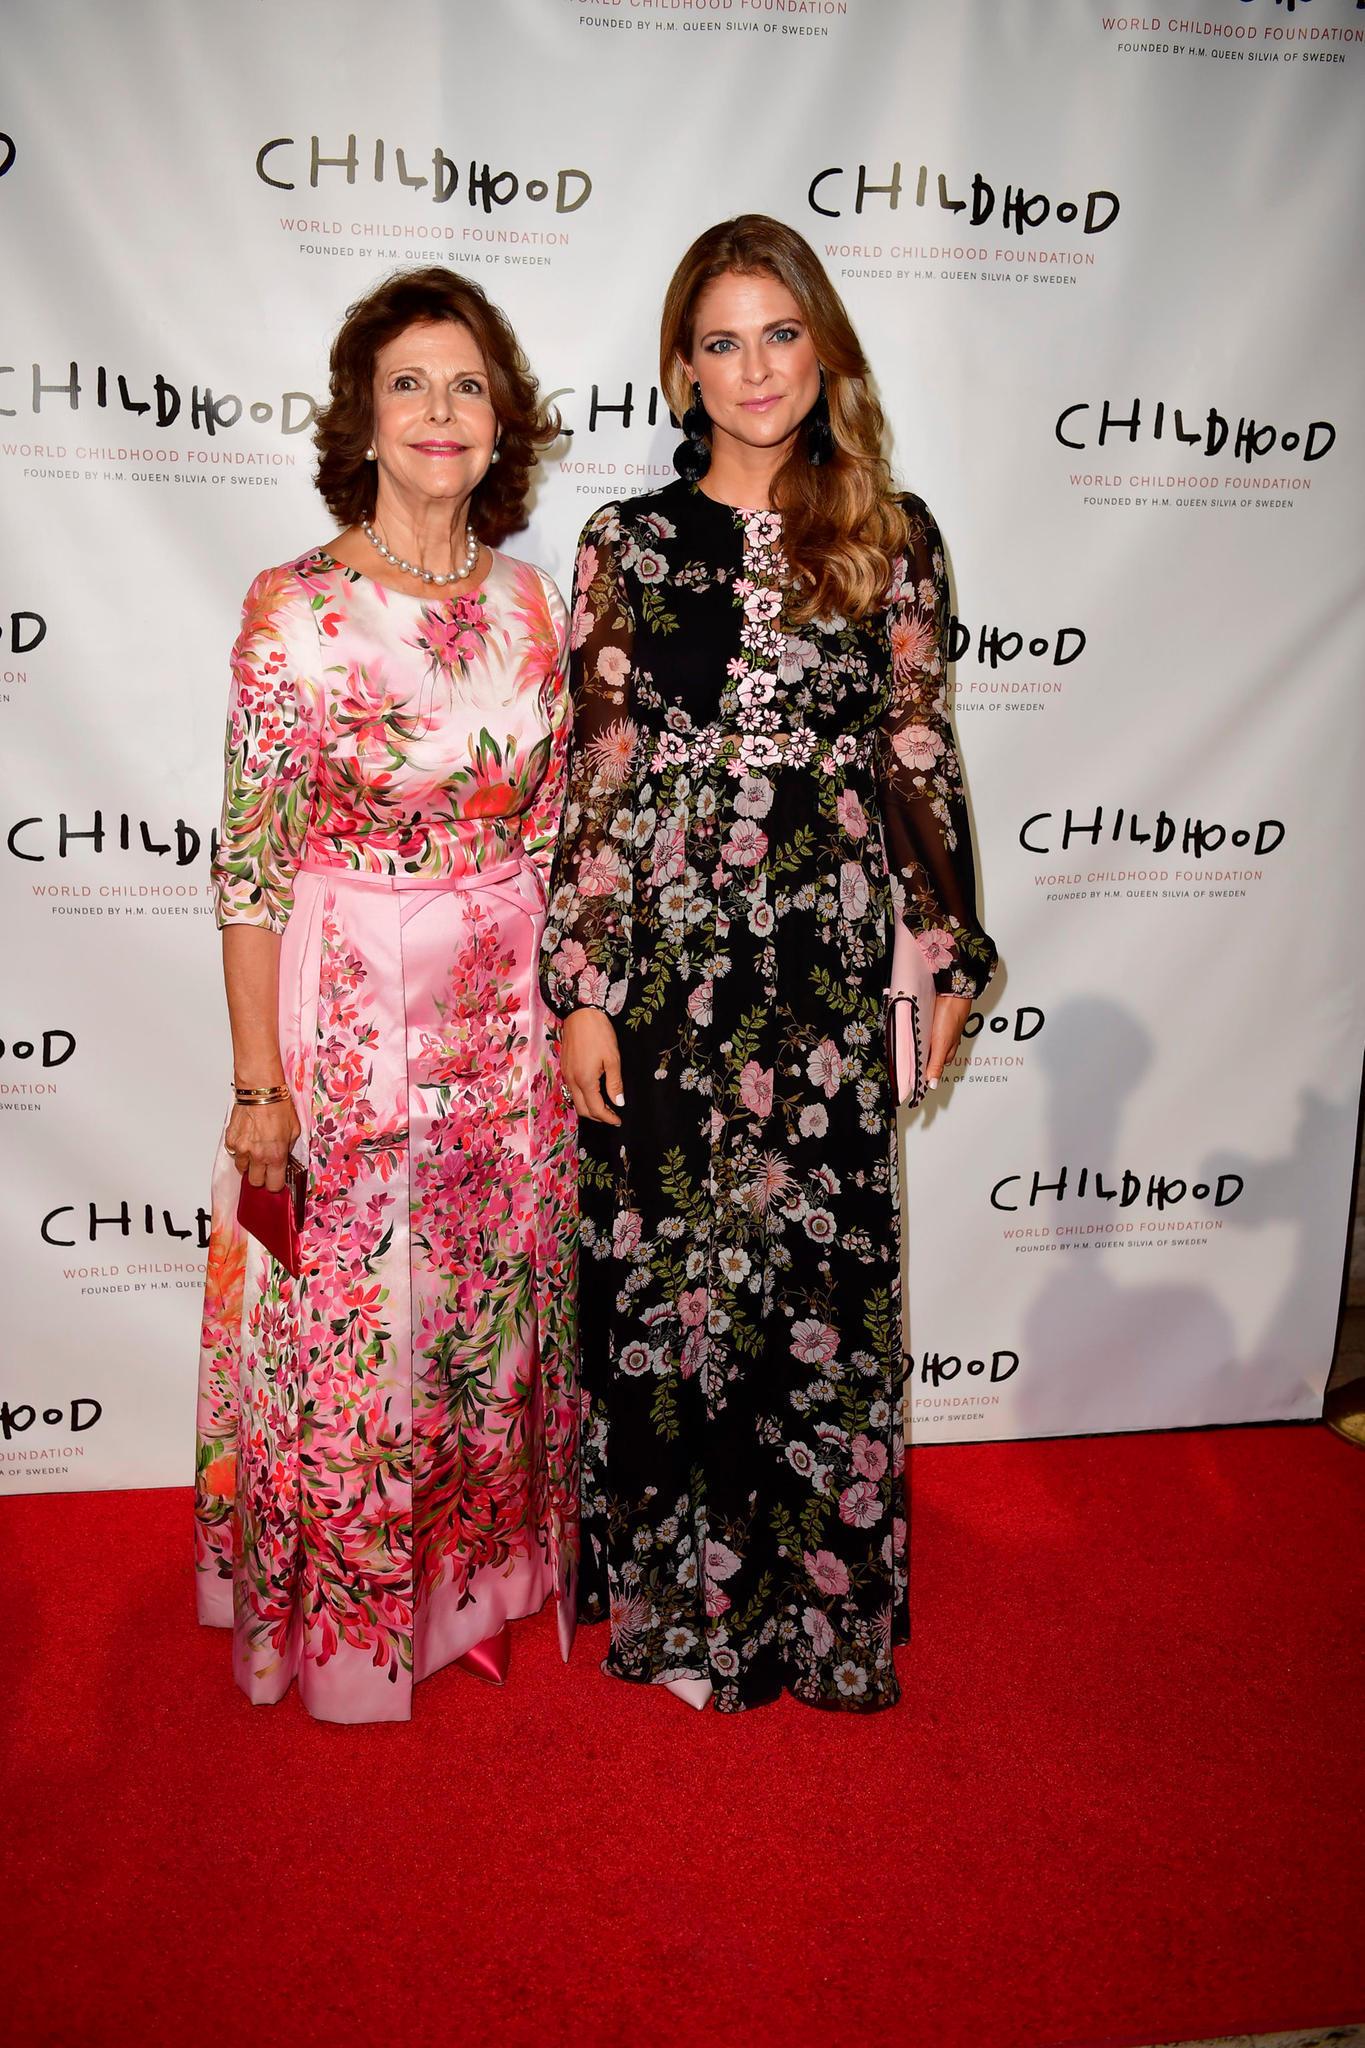 Mutter und Tochter gemeinsam in New York: Königin Silvia von Schweden und Prinzessin Madeleine